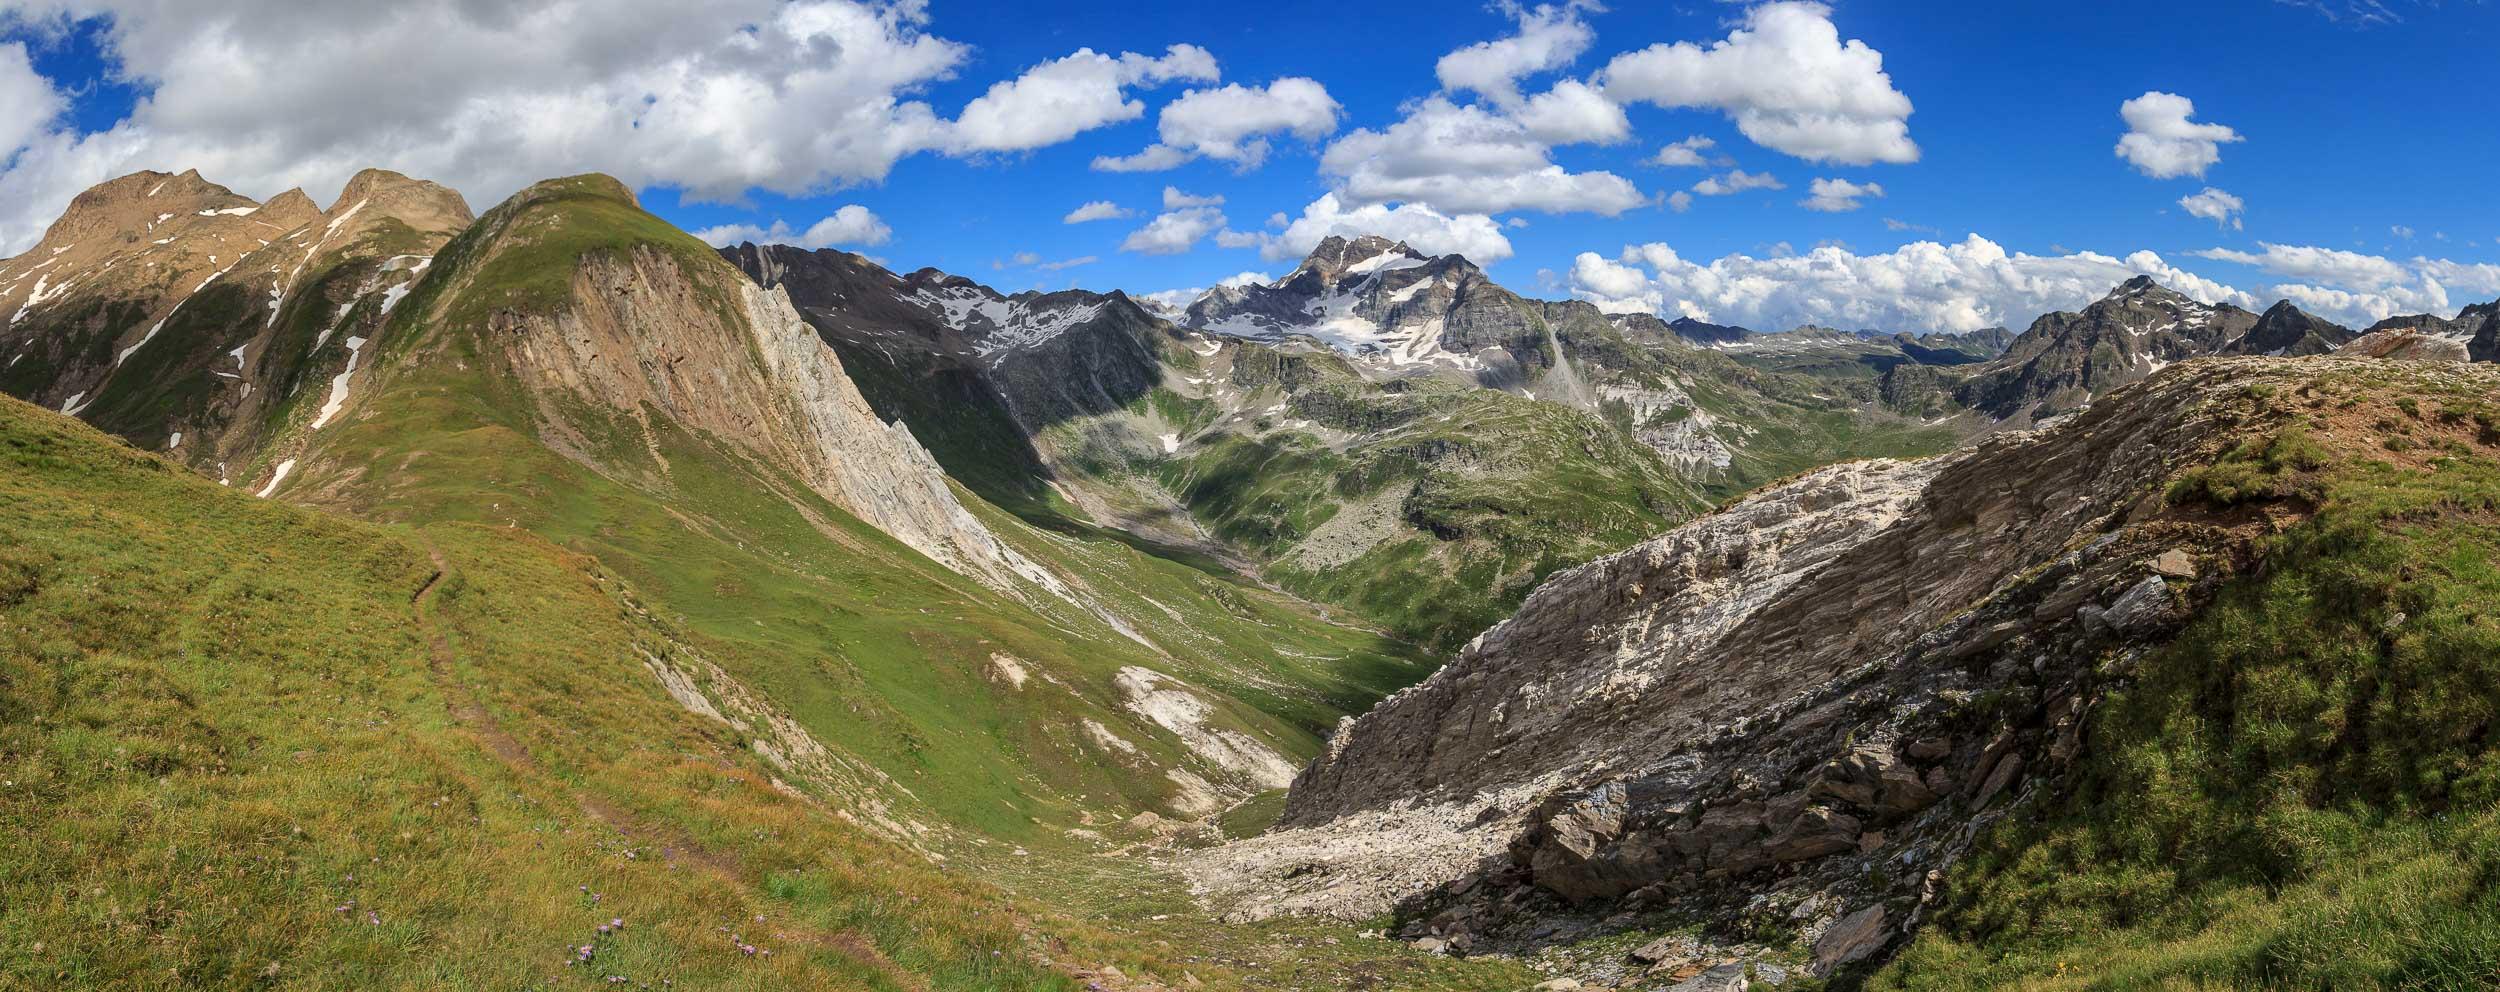 20130813_04326 Auf der Alp.jpg